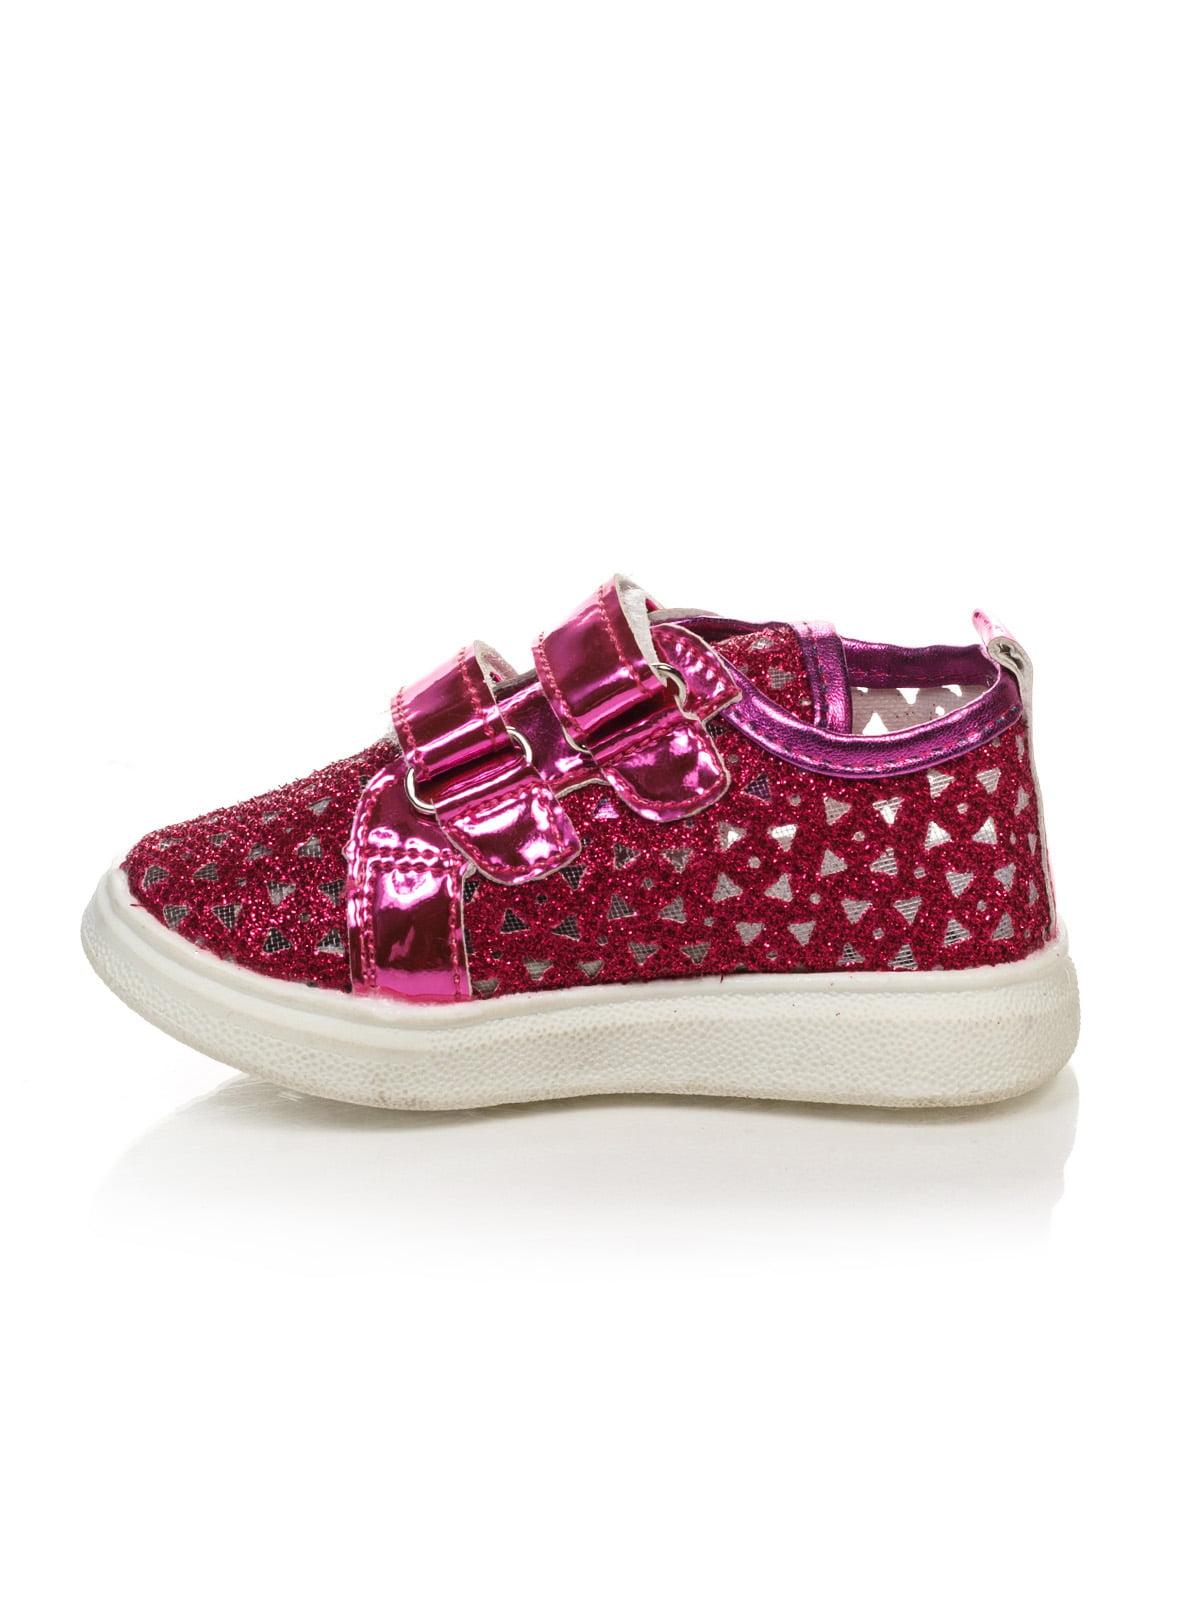 Кросівки малинового кольору | 4402883 | фото 2